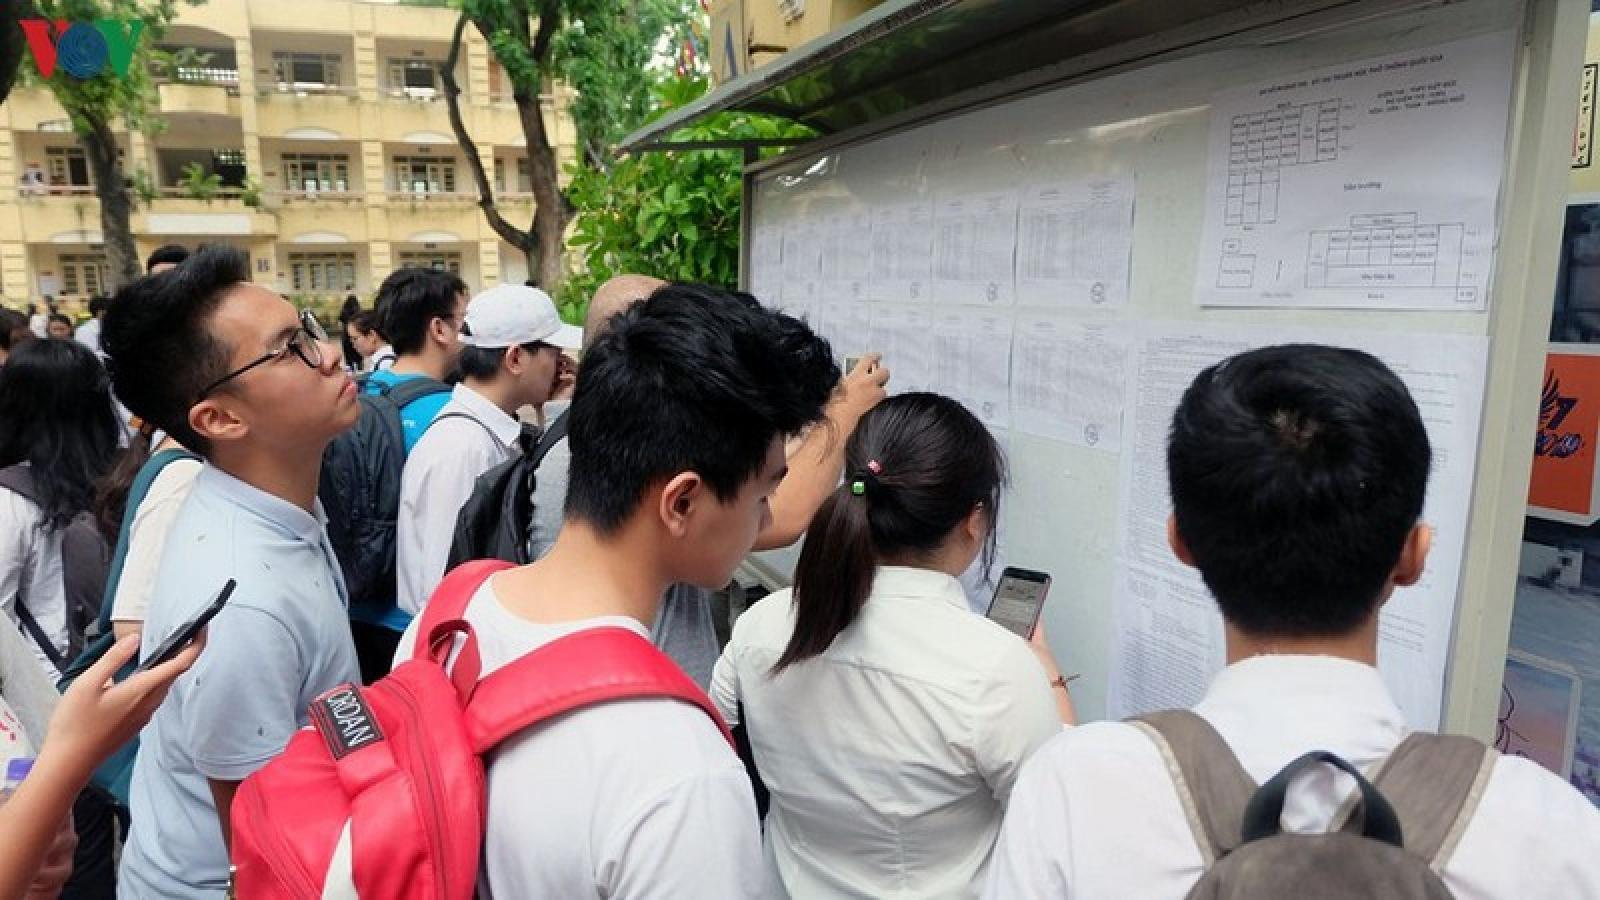 Thay đổi thi THPT: Học sinh, giáo viên ở Sơn La còn nhiều băn khoăn